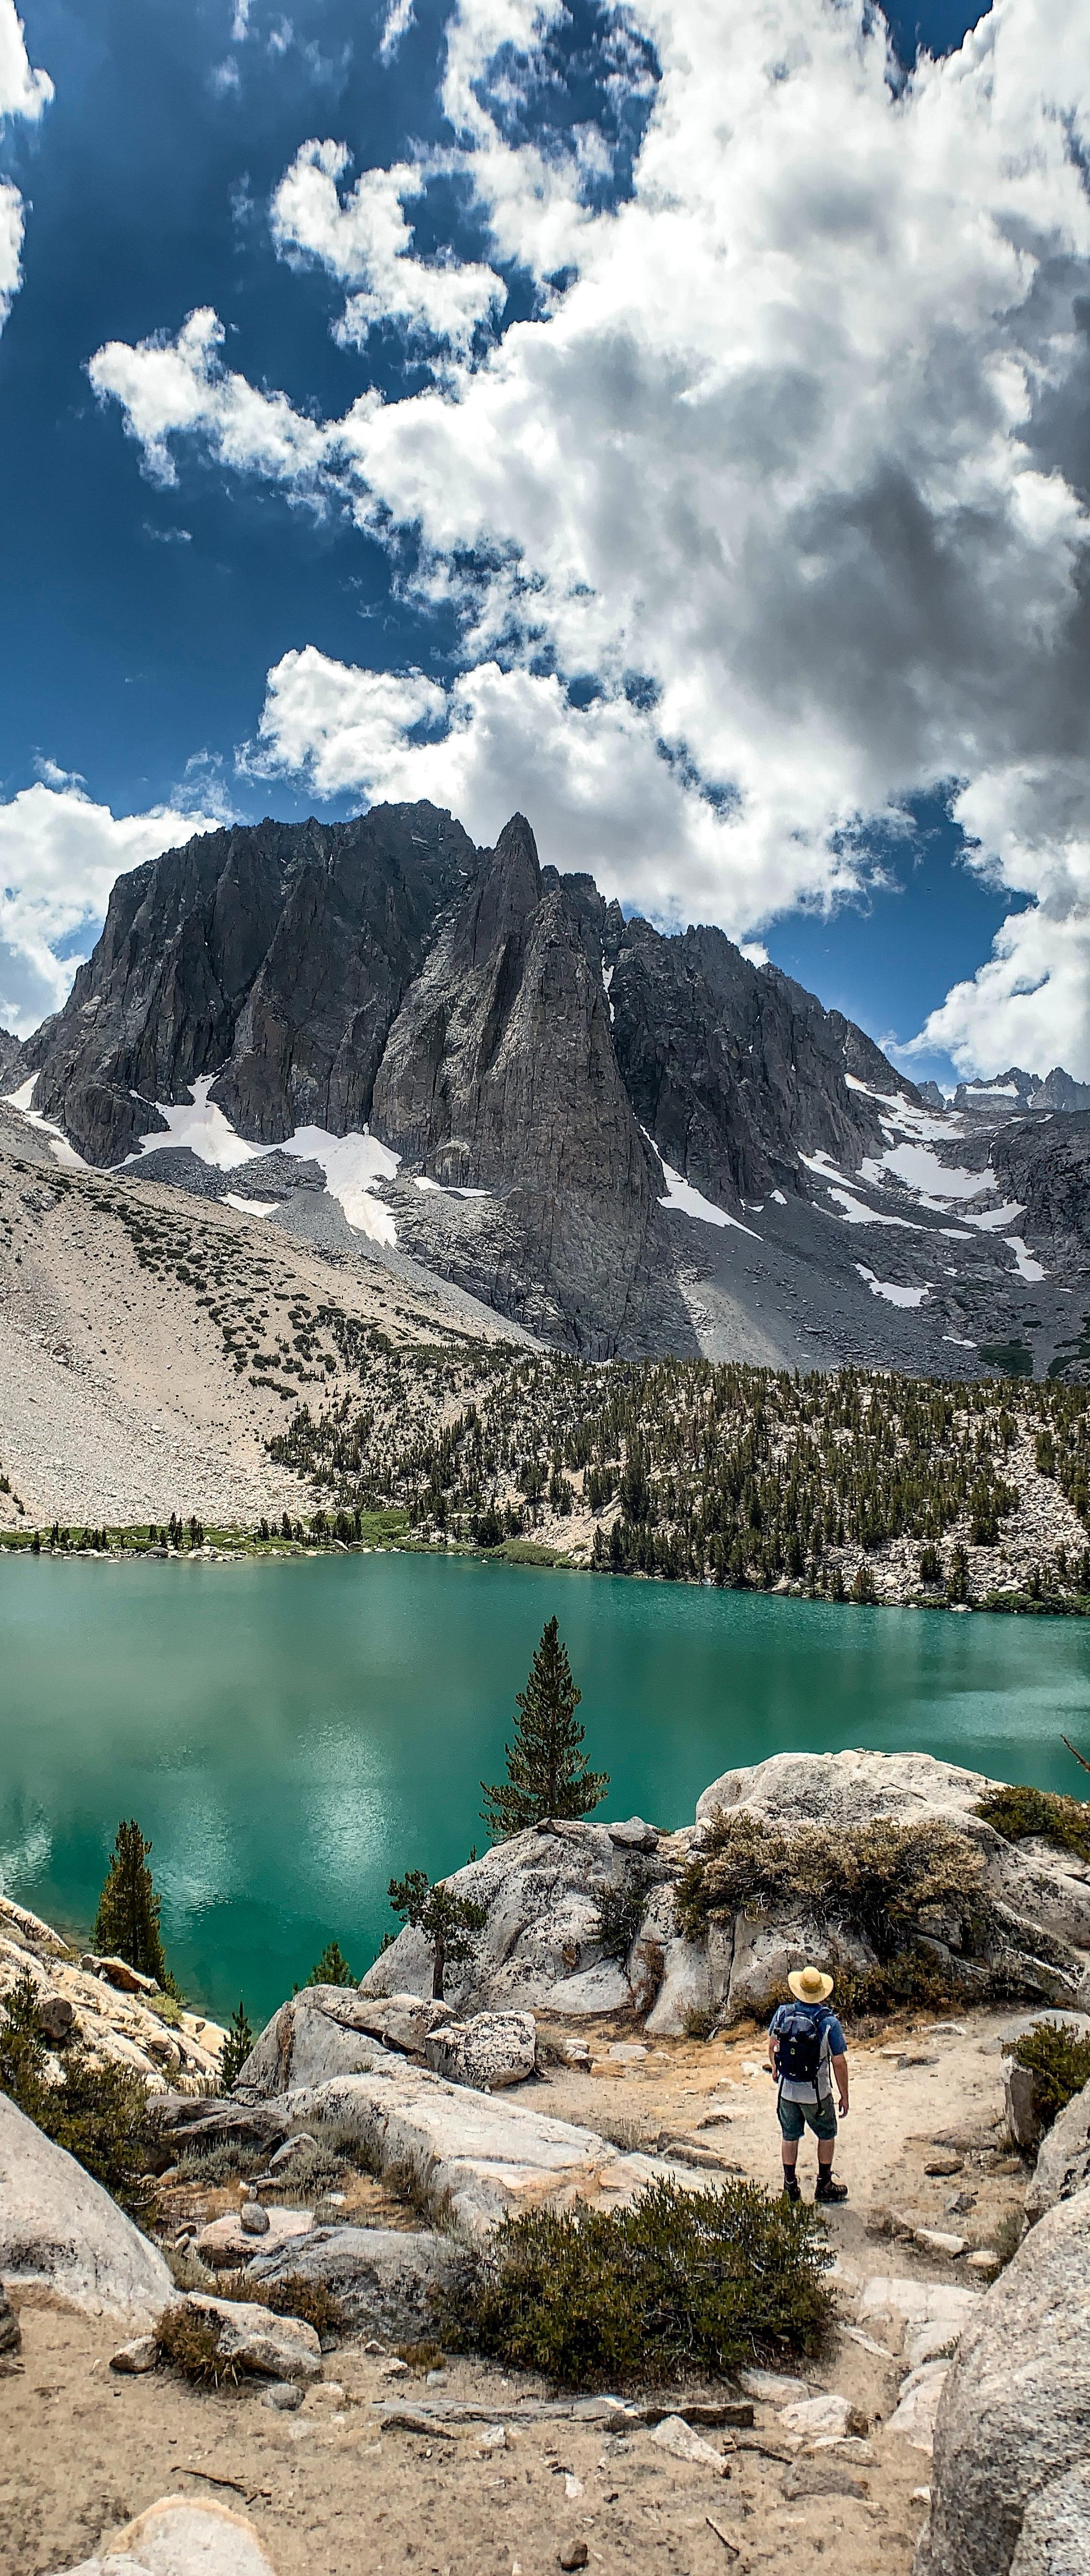 Sierras w Rumsey 2019-8.jpg